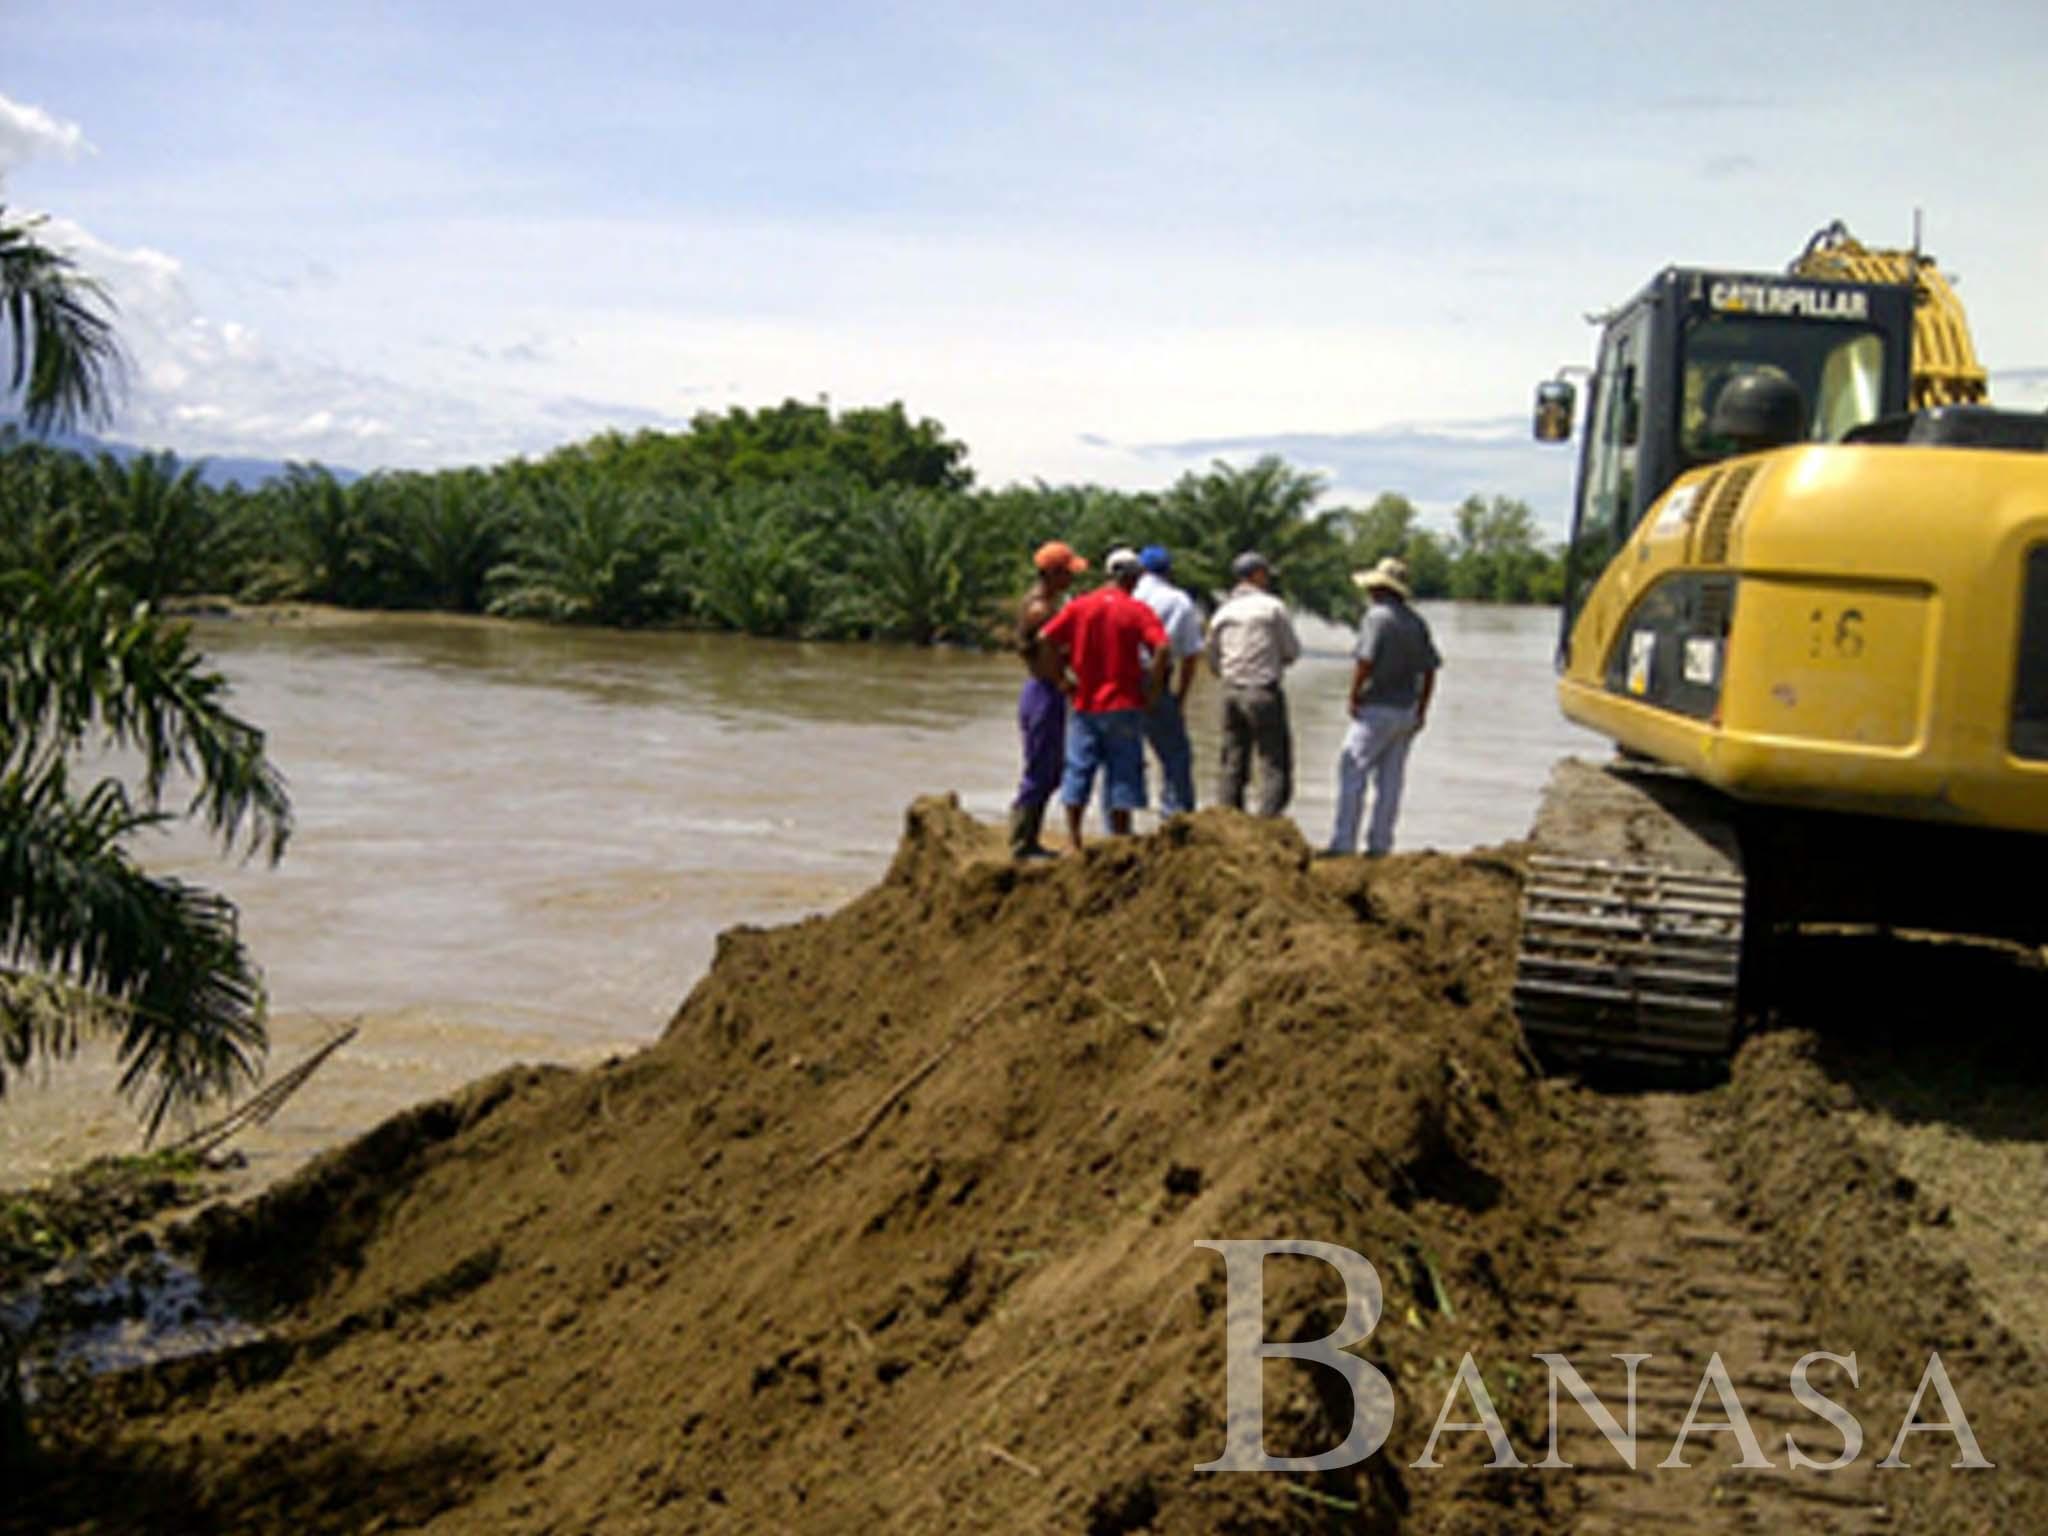 BANASA APOYA LA REPARACIÓN DE LA BOCABARRA DEL RÍO PACAYÁ PARA EVITAR INUNDACIONES EN LAS COMUNIDADES